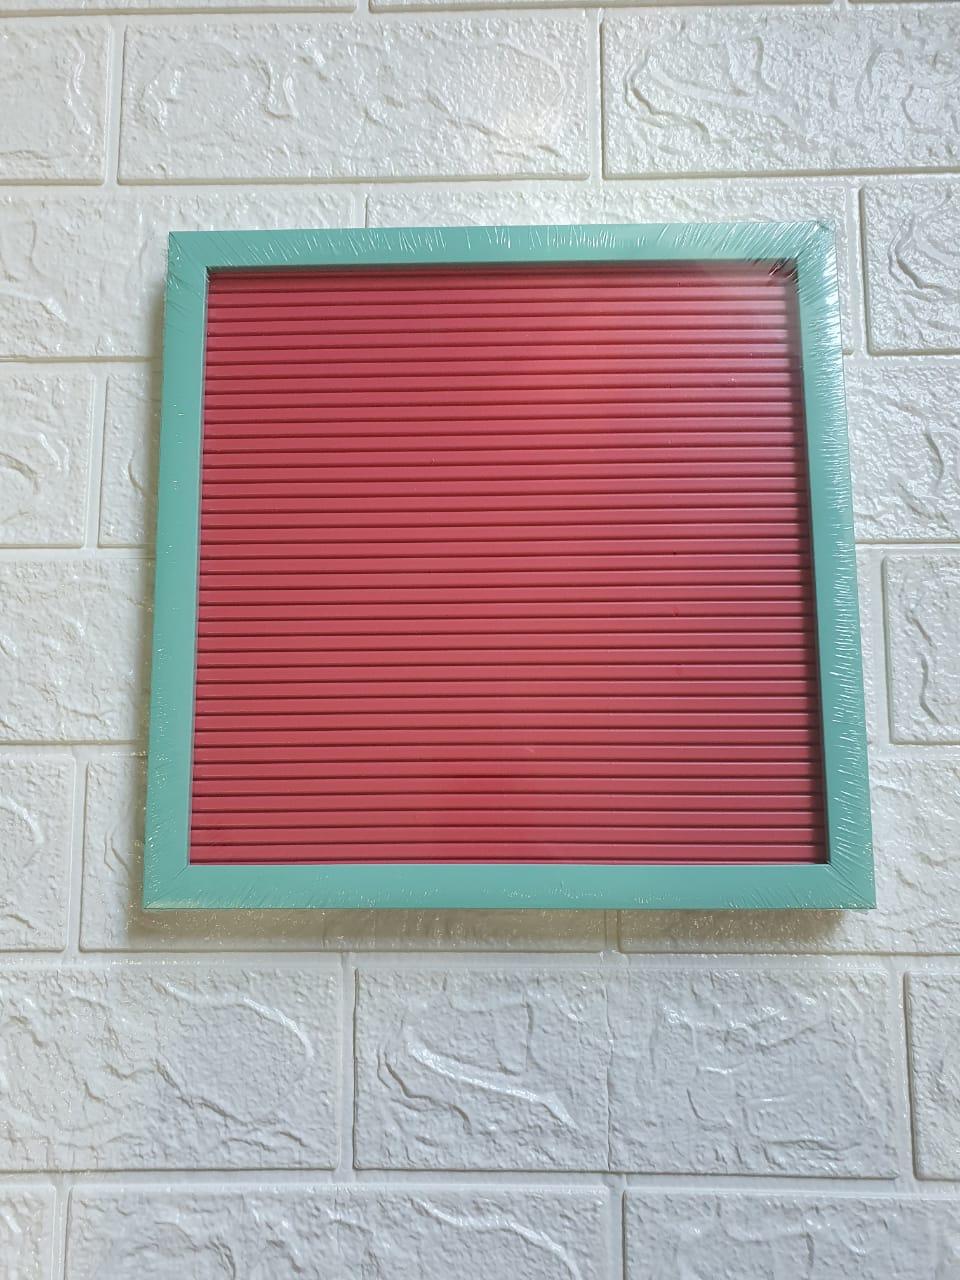 Quadro decorativo/ recados alfanuméricos com moldura de plástico colors